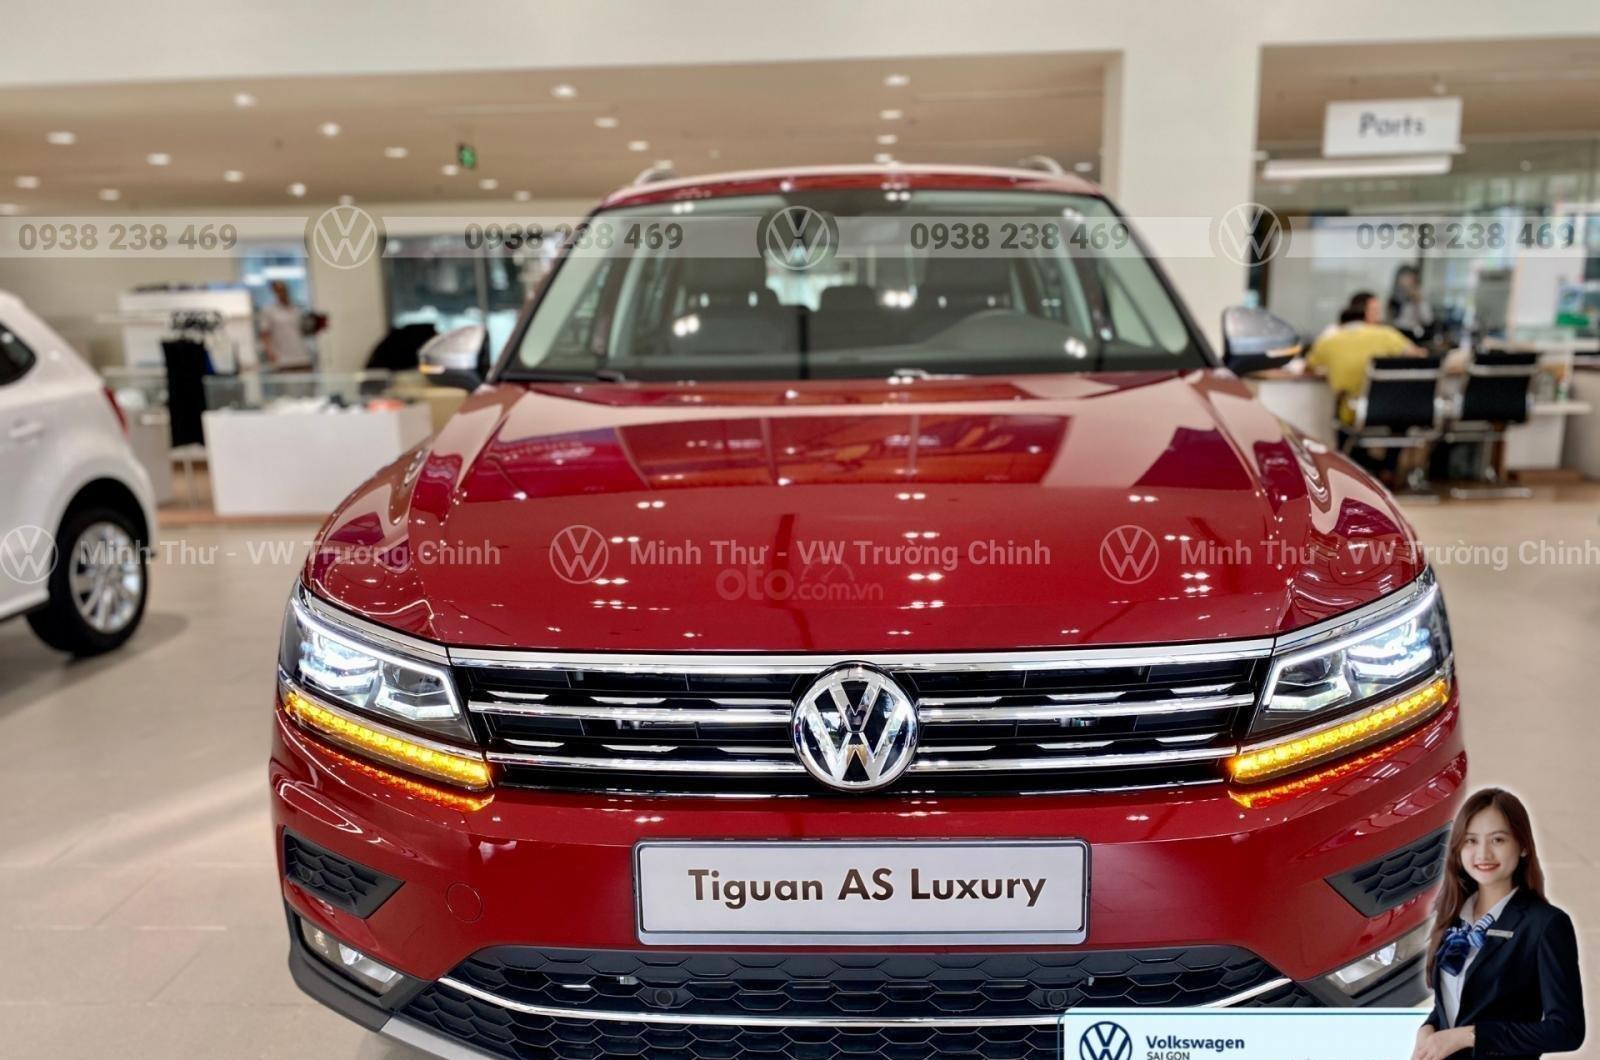 Cập nhật bảng giá xe + chương trình khuyến mãi tháng 10 Tiguan Luxury và Luxury S, liên hệ Minh Thư vw Sài Gòn (13)